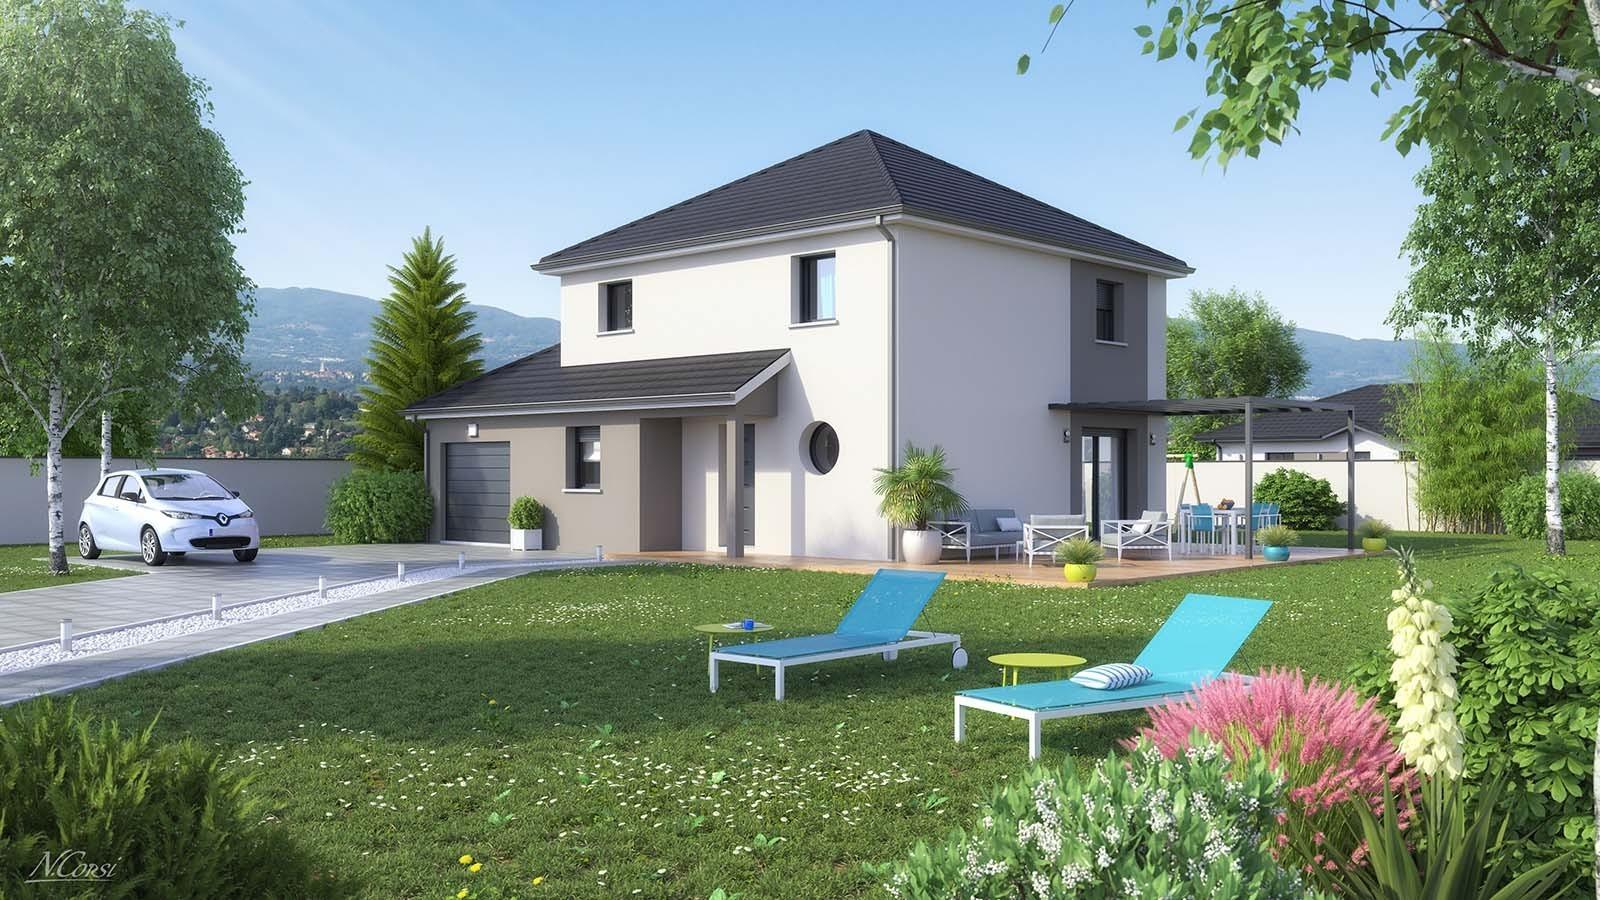 Maisons optimal constructeur de maisons individuelles for Constructeur de maison 81